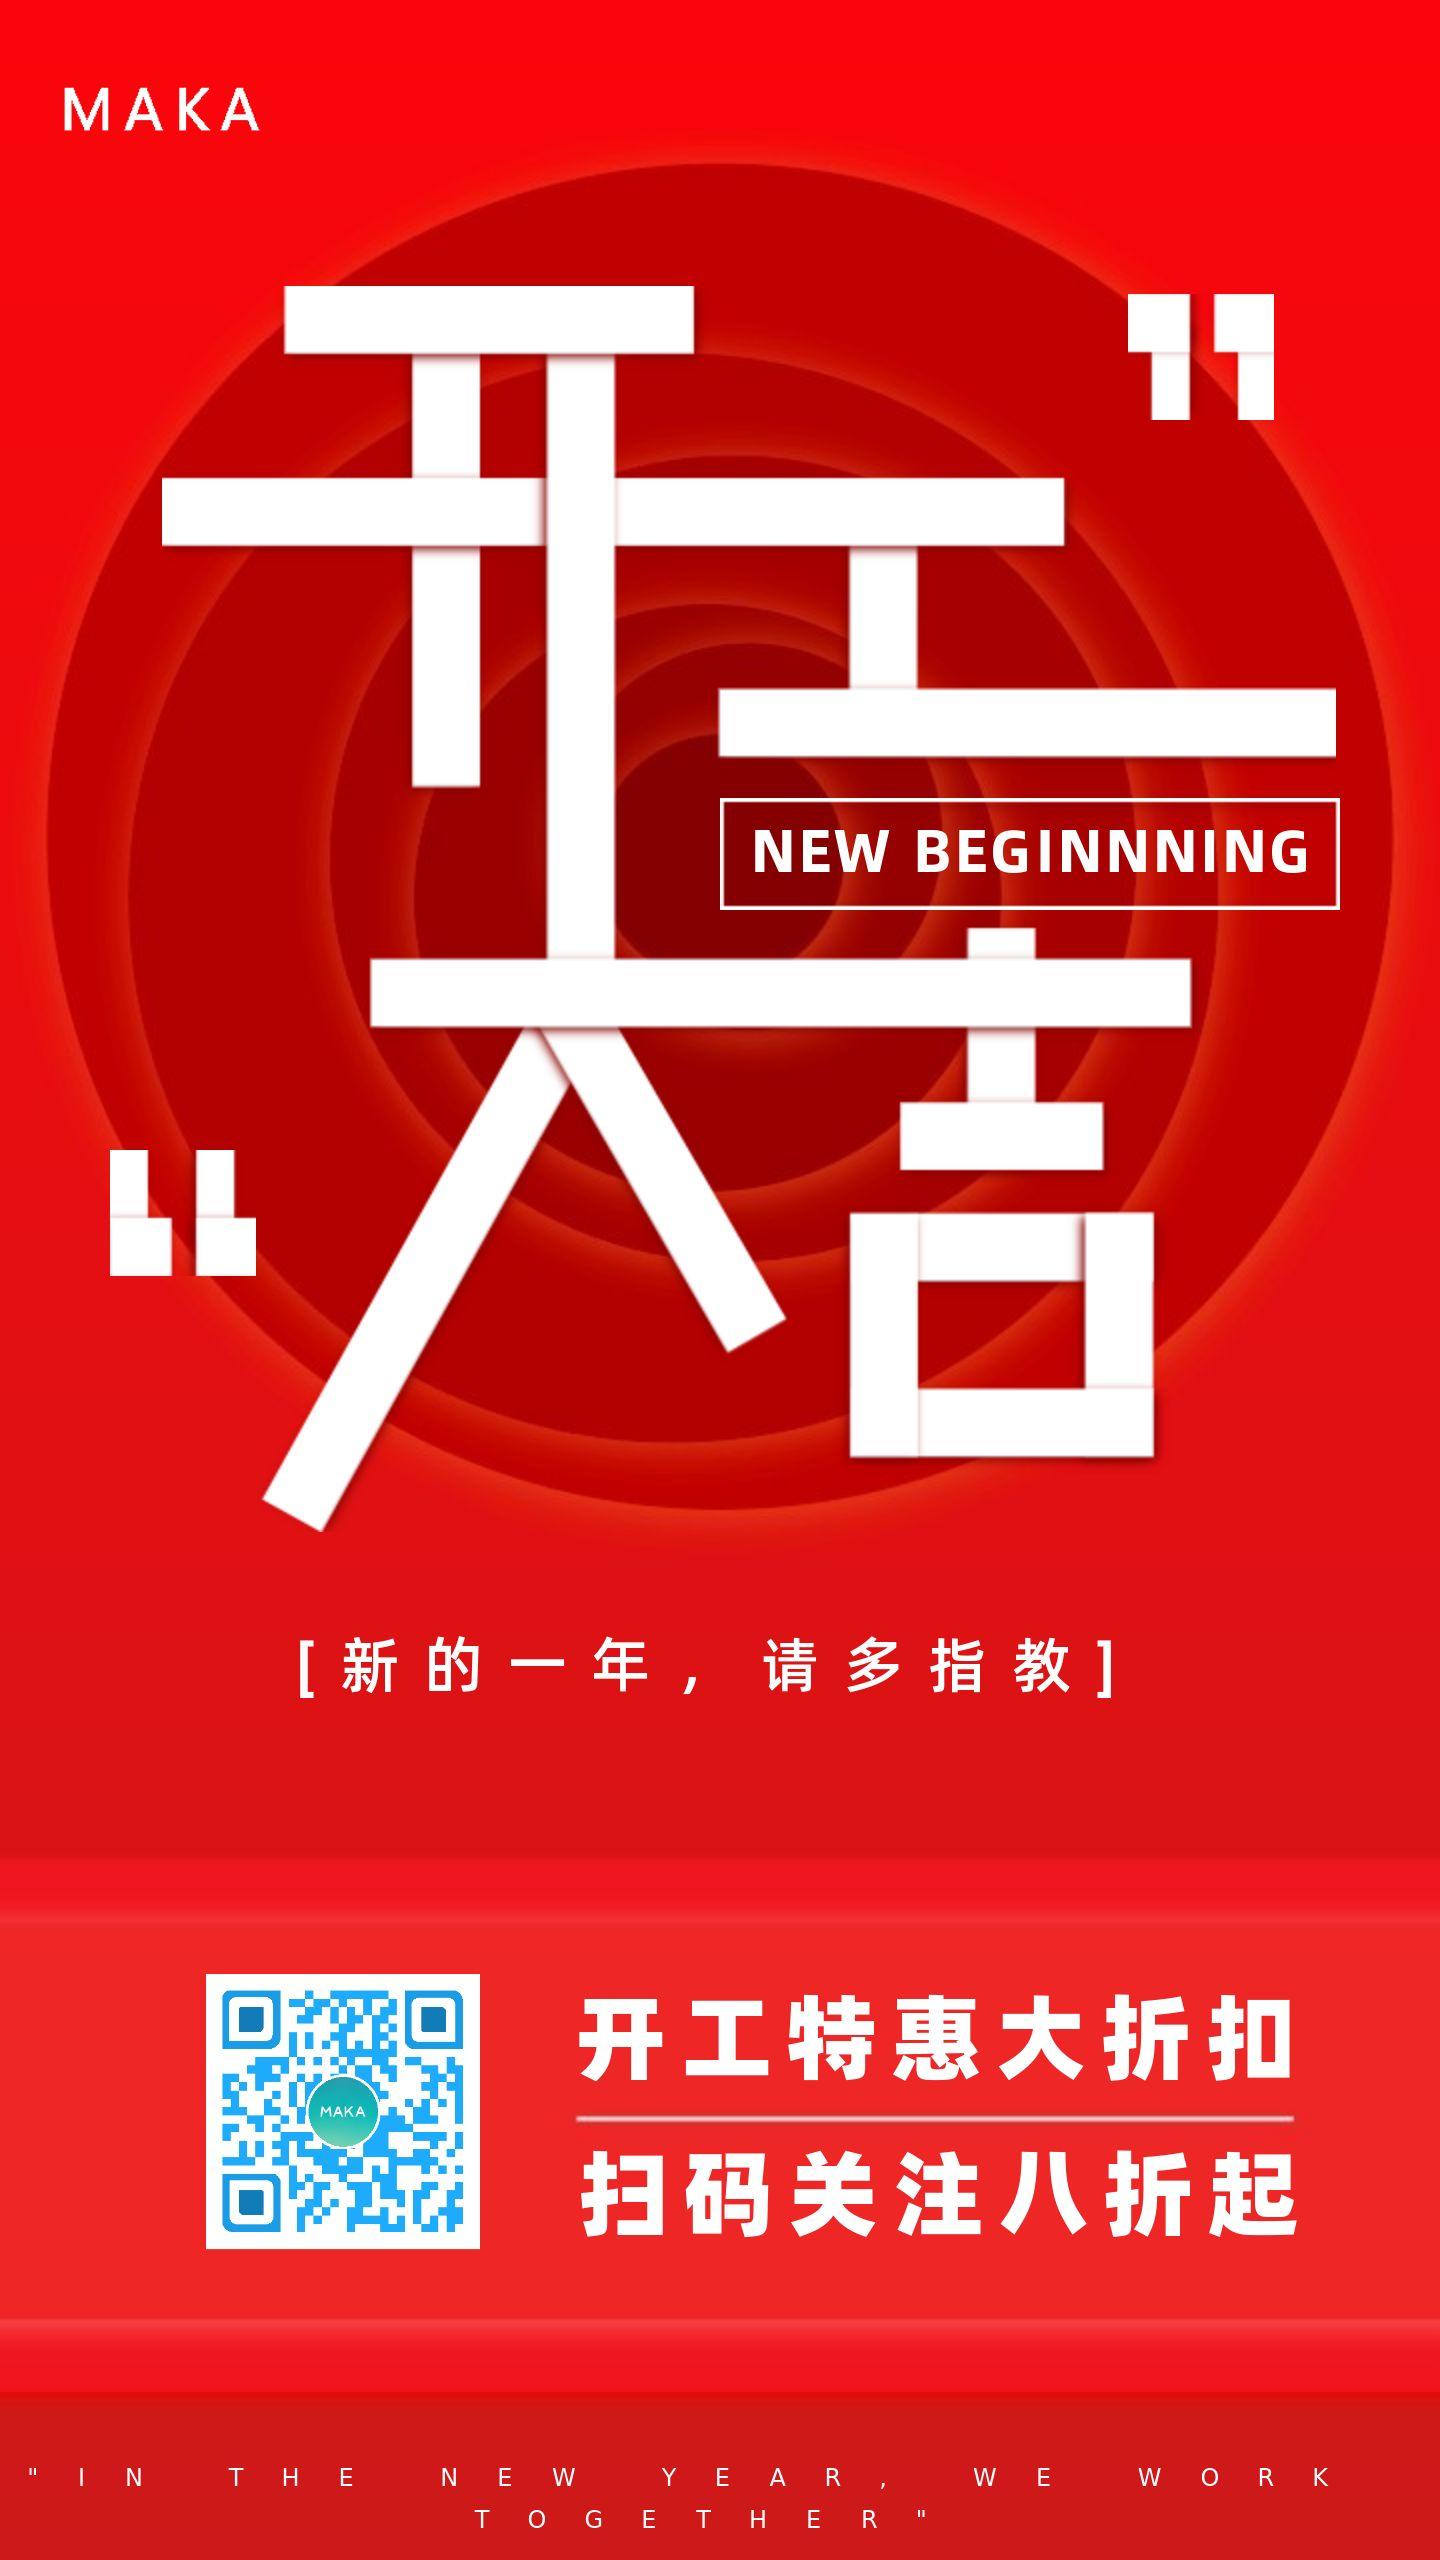 春节新年开工大吉节日宣传优惠促销海报